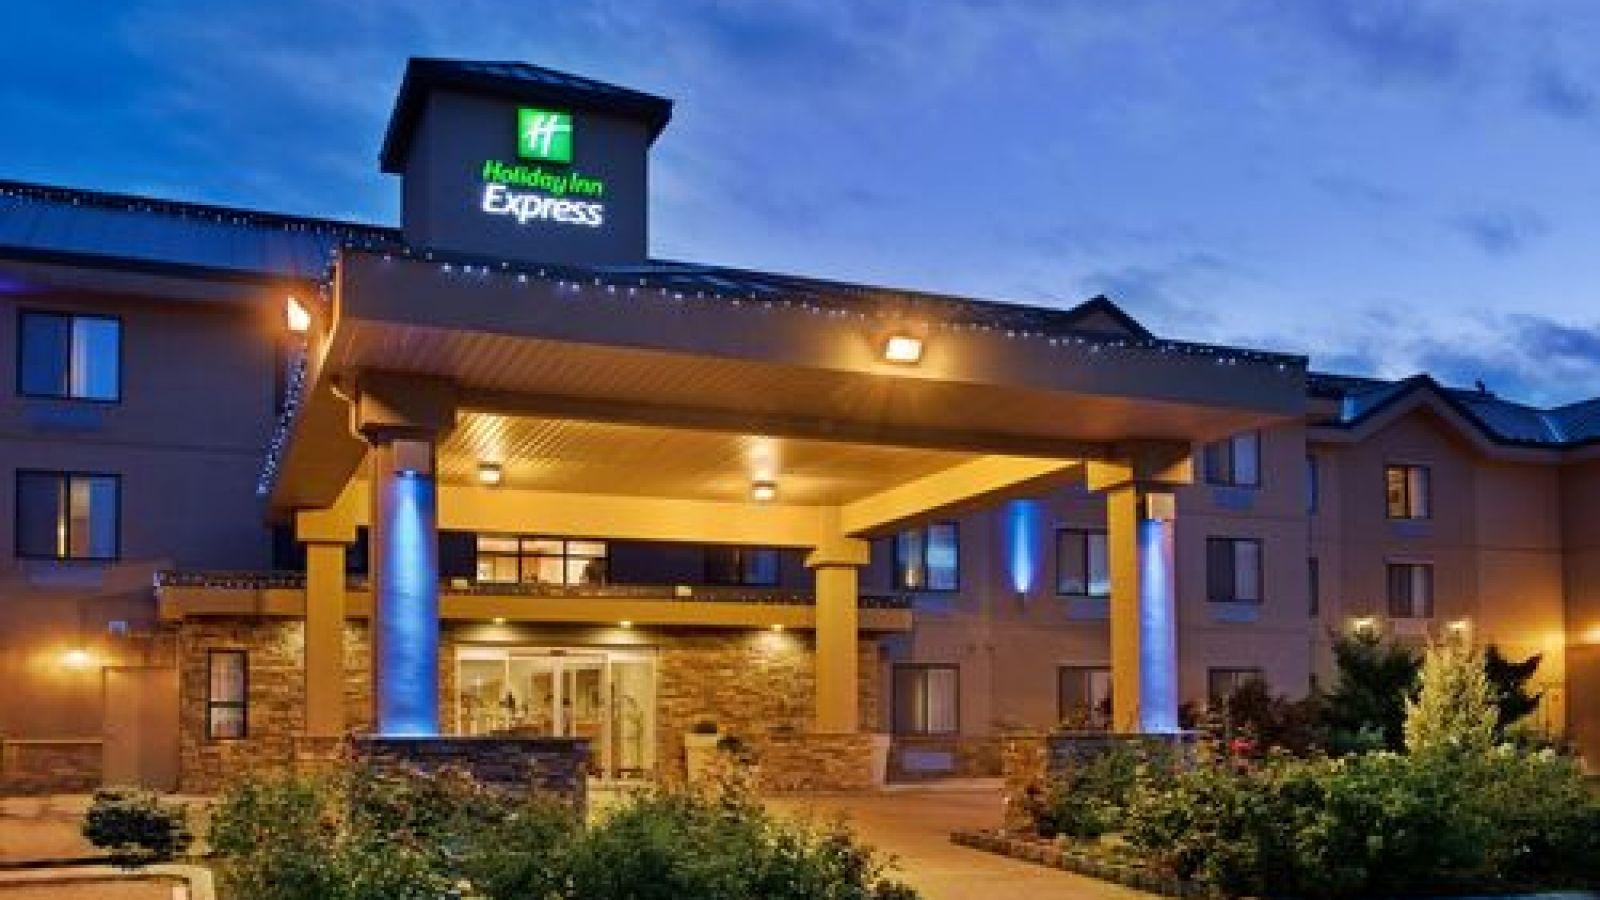 Holiday Inn Express Vernon